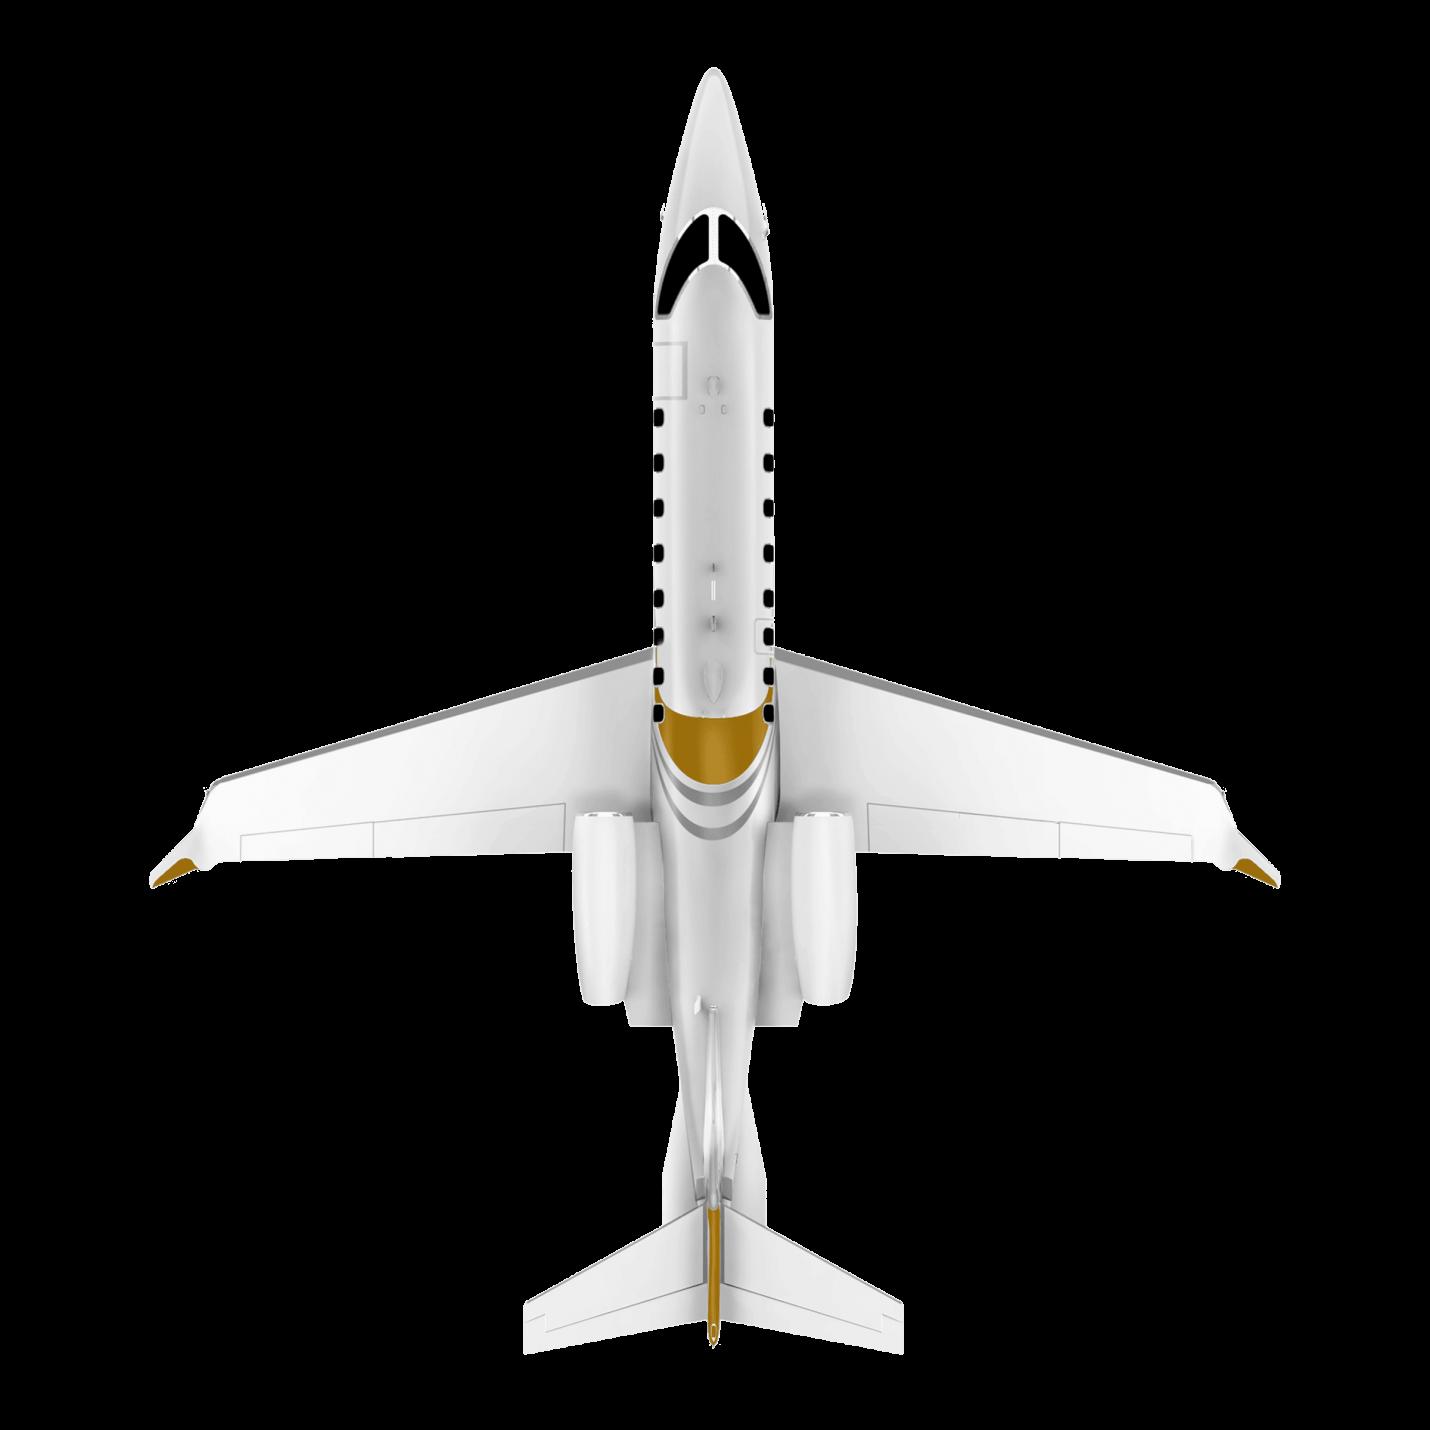 Learjet 75 top view